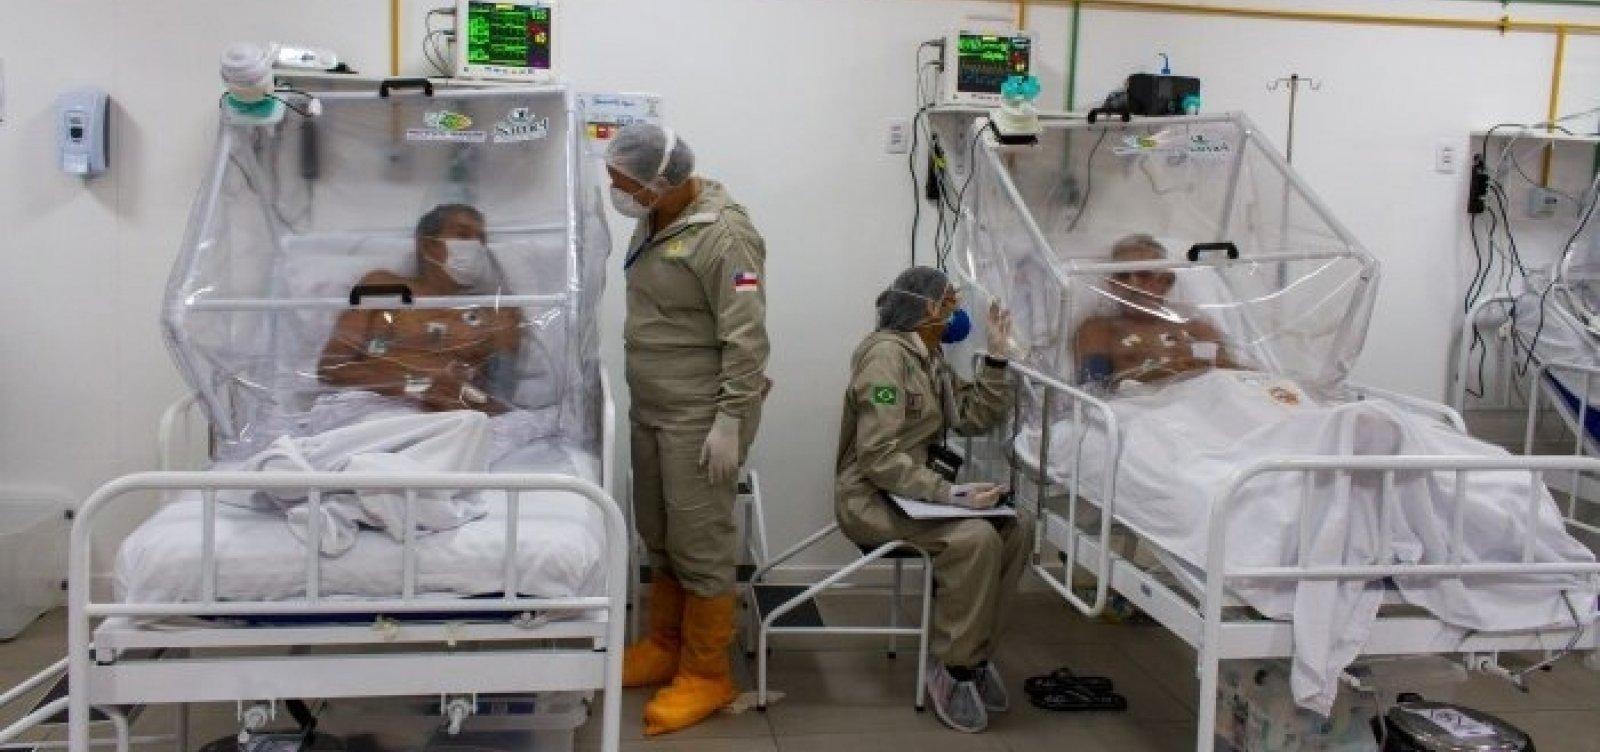 Manaus enfrenta situação crítica em hospitais com falta de oxigênio